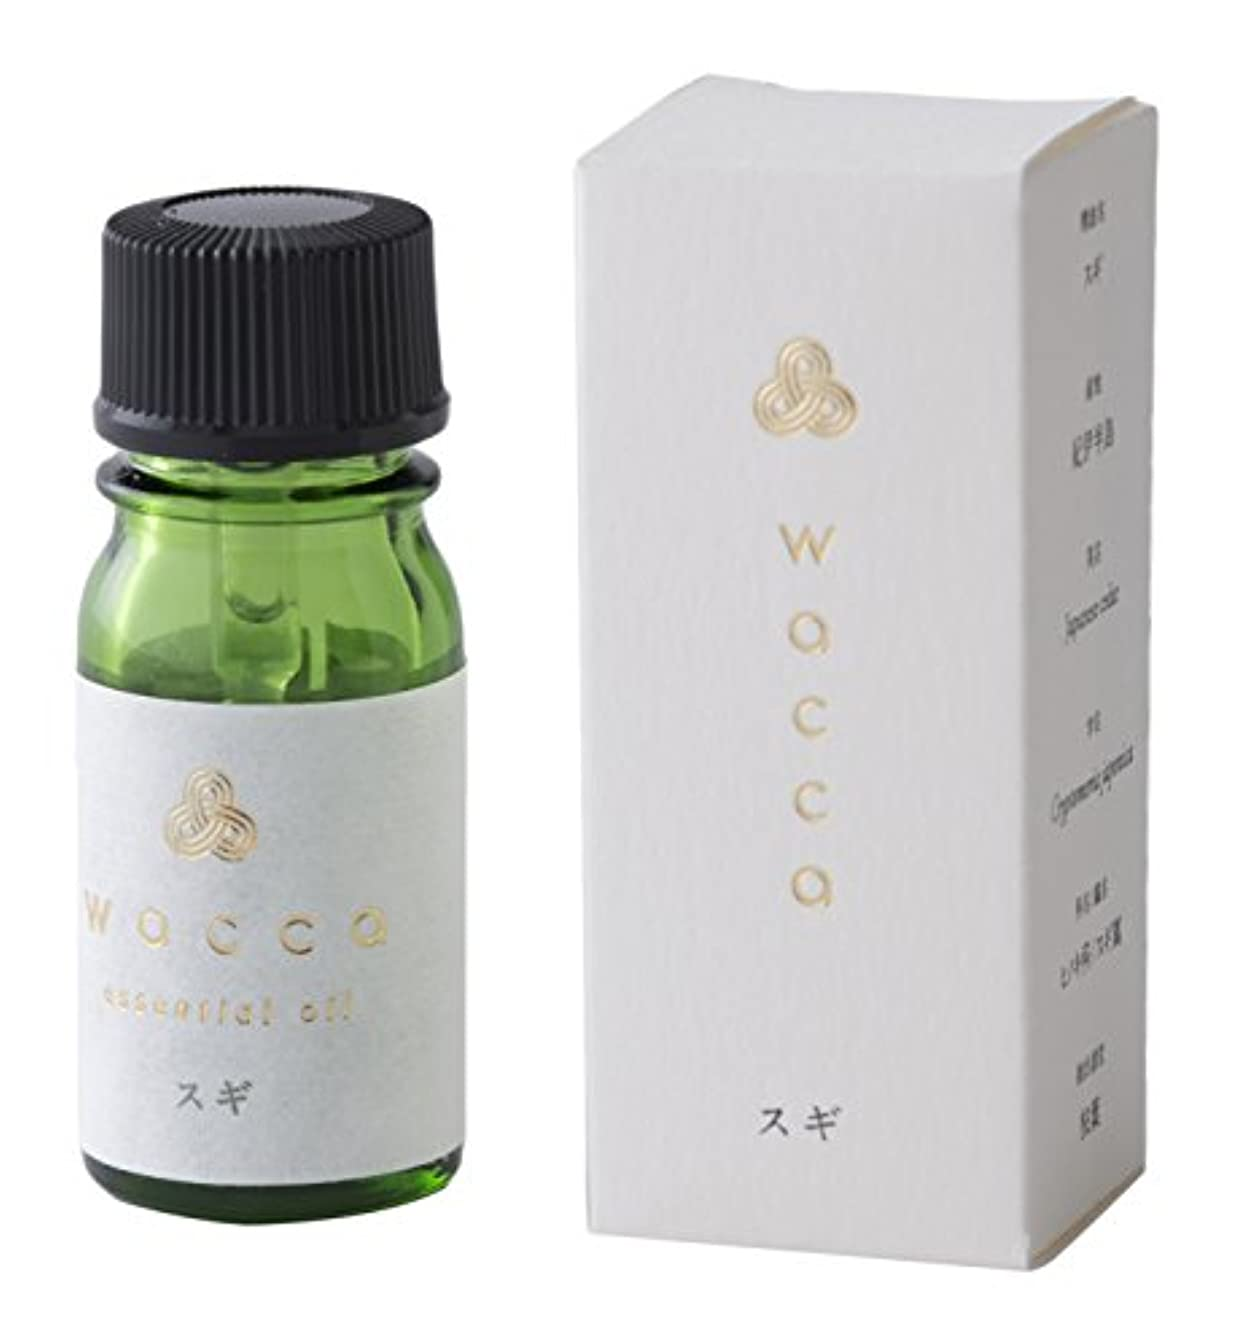 自動的にかご臨検wacca ワッカ エッセンシャルオイル 5ml 杉 スギ Japanese cedar essential oil 和精油 KUSU HANDMADE